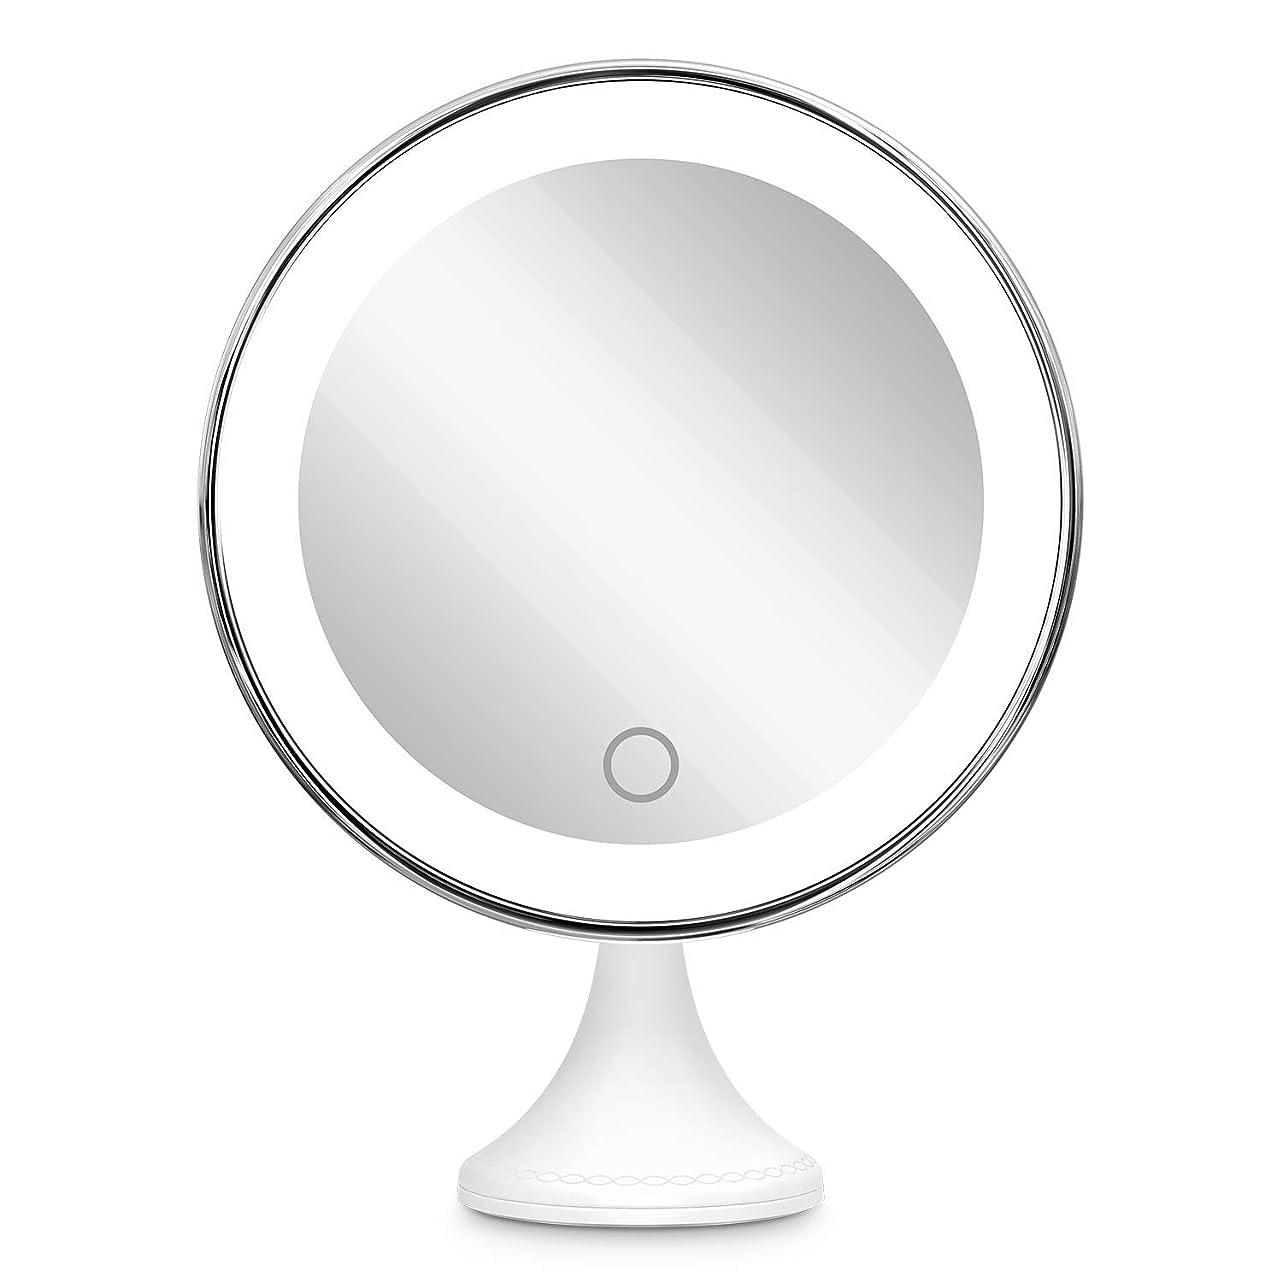 ほうき不純気がついて10倍拡大鏡 BEQOOL LED化粧鏡 化粧 拡大鏡 浴室鏡 女優ミラー 卓上鏡 壁掛けメイクミラー 吸着力が強いシリカゲル台座付き LEDの明るさと色調節でき 360度回転 単四電池&USB給電対応 ホワイト